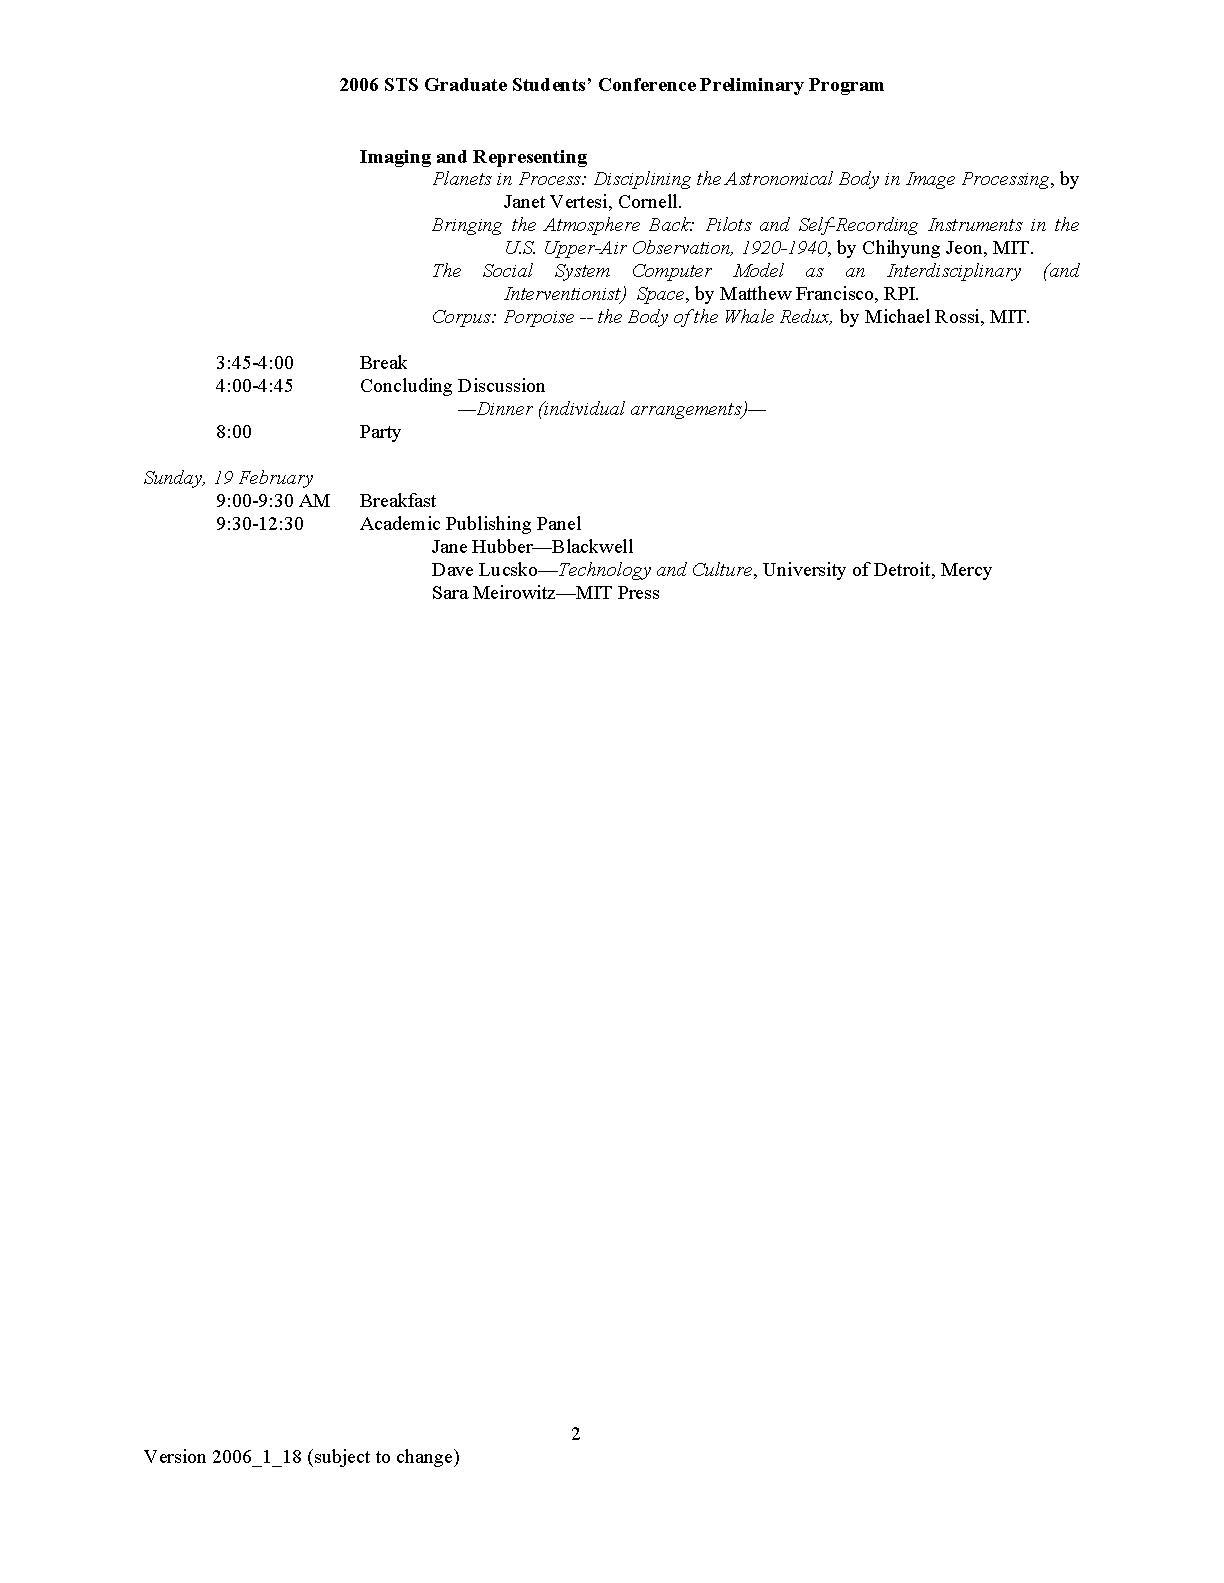 Program2006-2-9 2.jpg